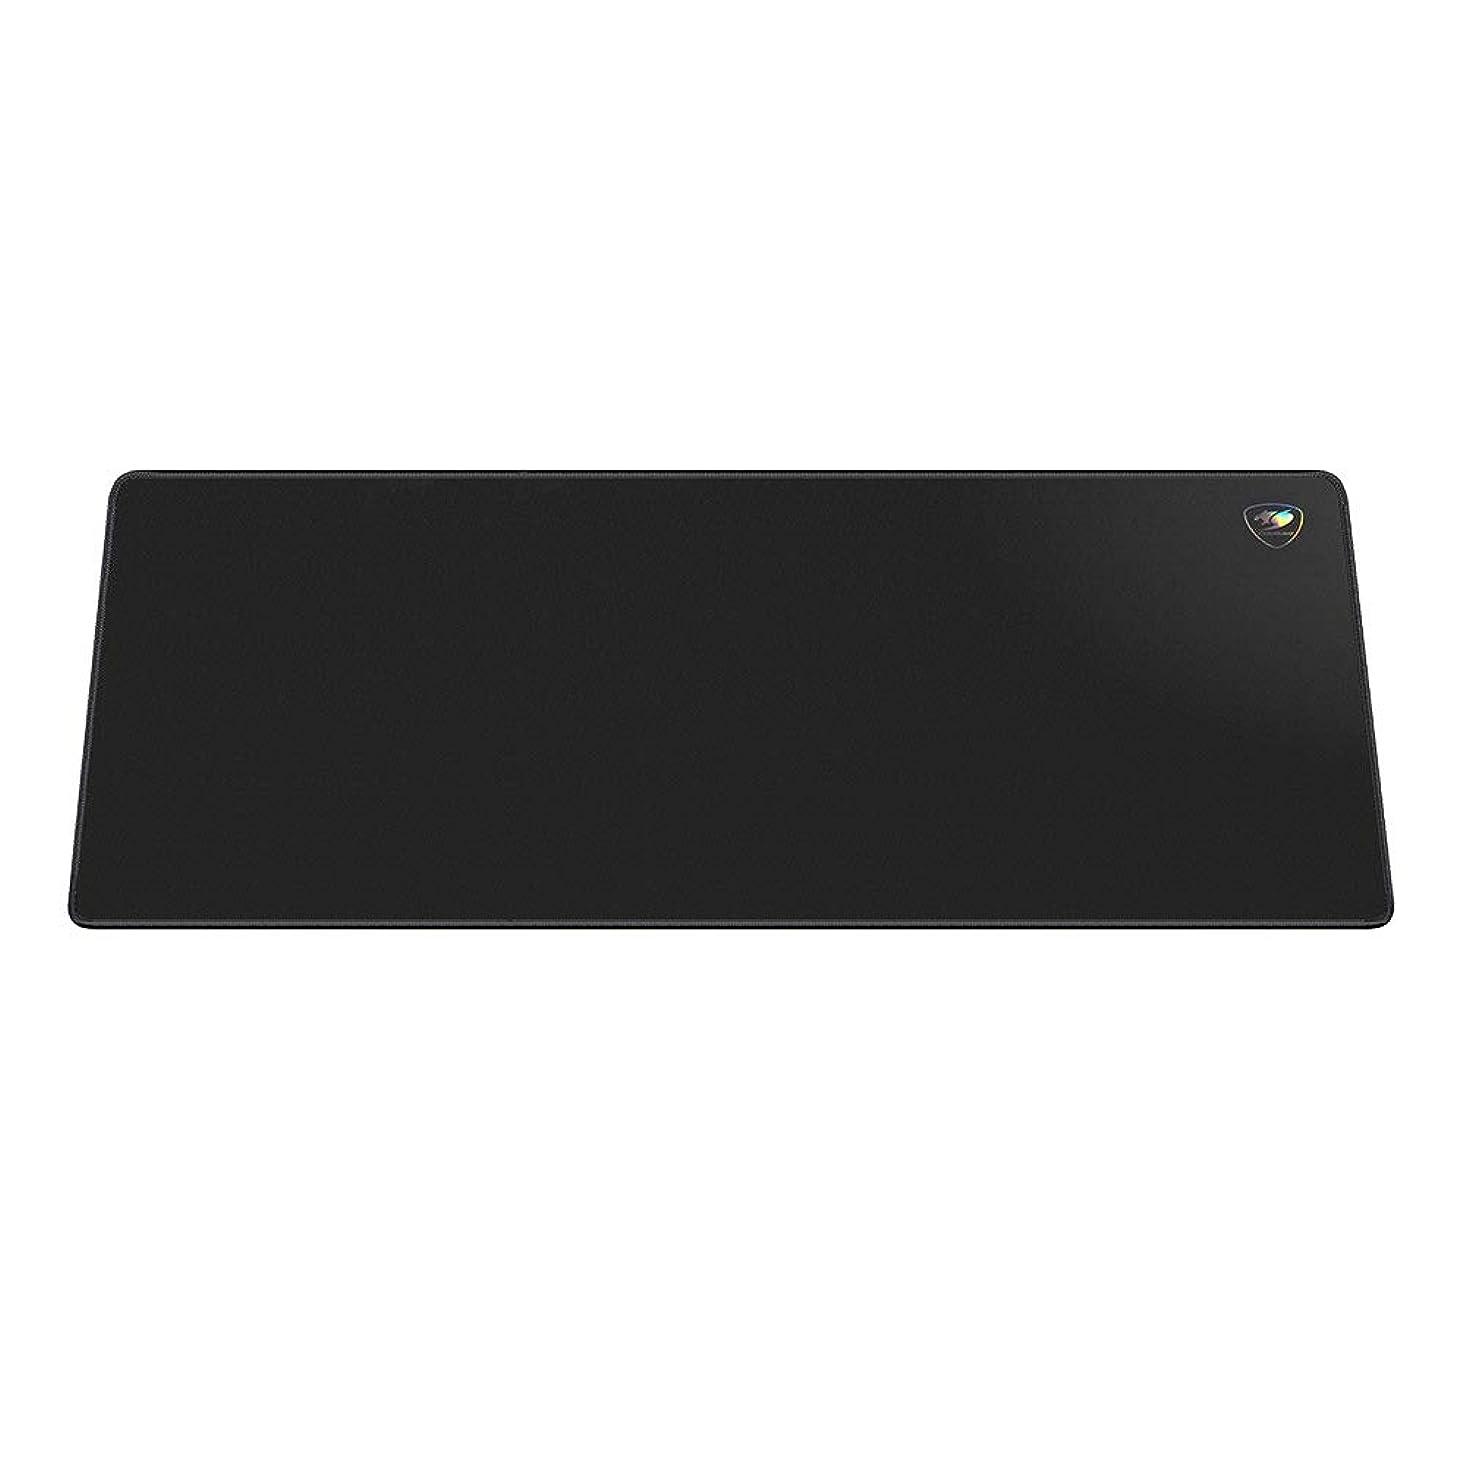 湿気の多いコンピューターアロングCOUGAR ゲーミングマウスパッド Control EX Gaming Mouse Pad XLサイズ 適度な抵抗感 滑り止め機能 3㎜厚 CGR-CONTROL EX XL 【国内正規品】